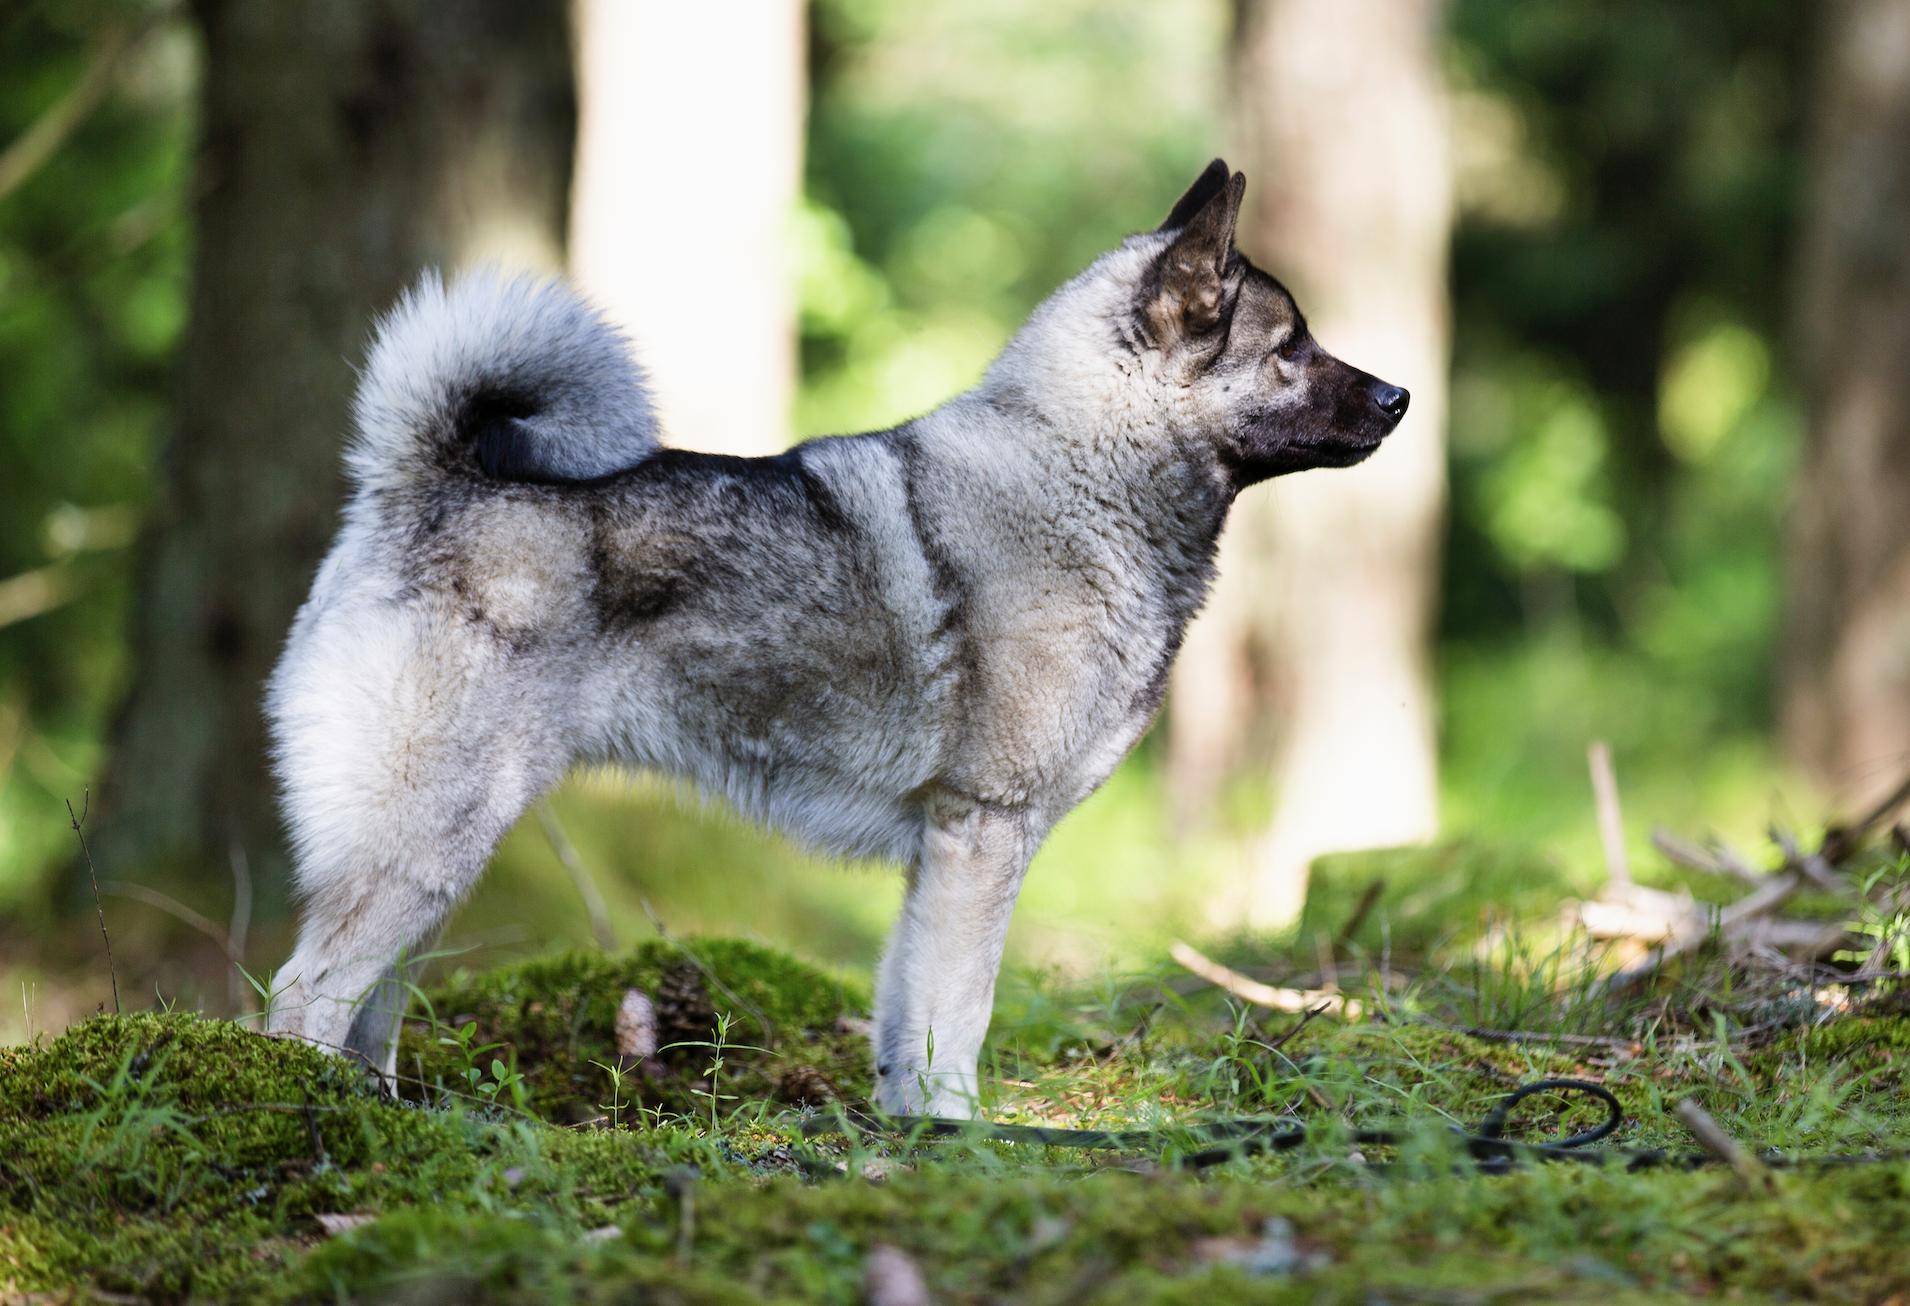 Ammi har allt – jaktlust och exteriör.